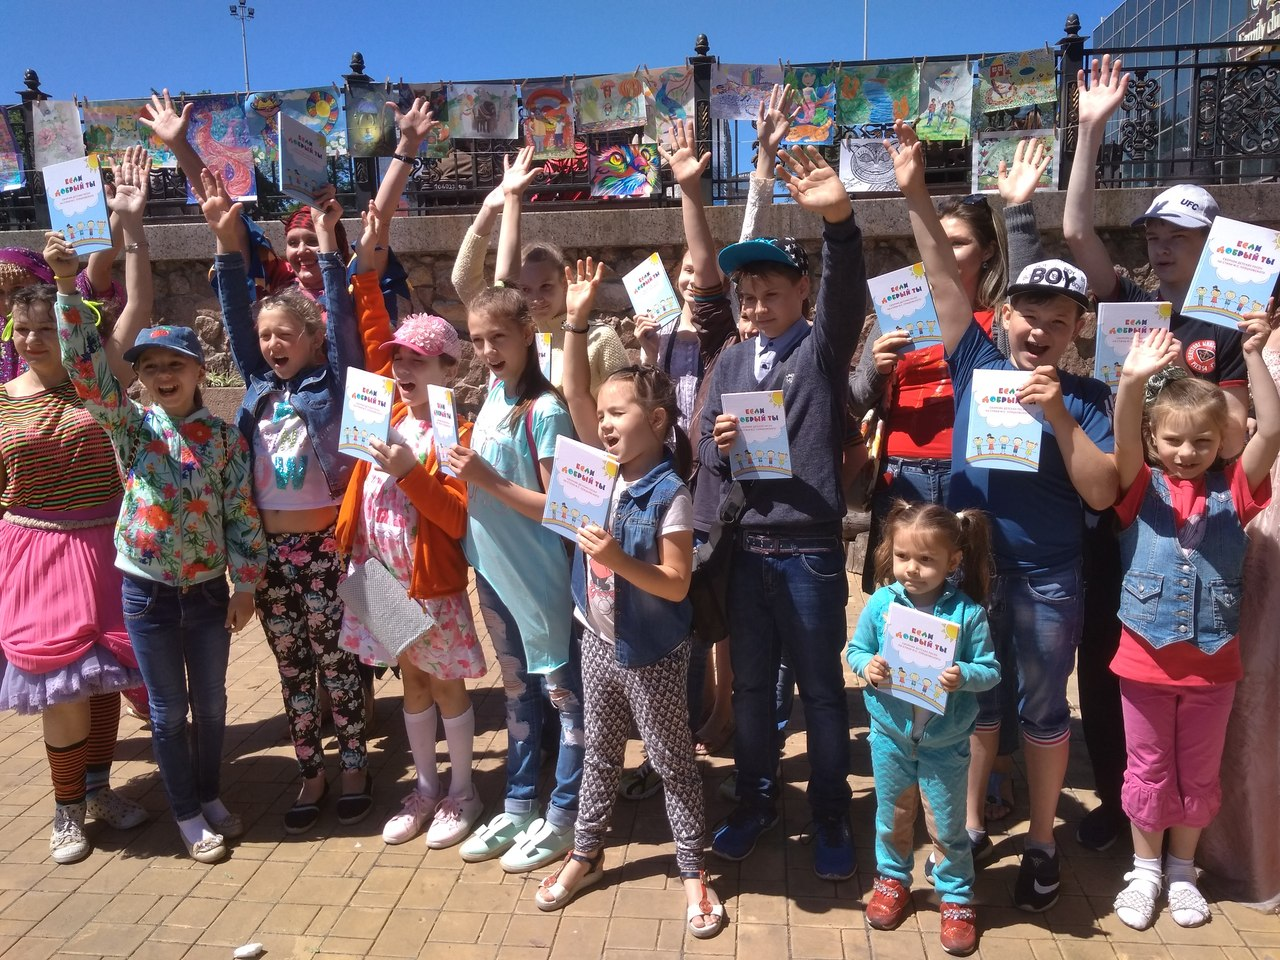 донецкая республиканская библиотека для детей, день защиты детей, столичный парк культуры и отдыха, летние приключения на книжной полянке